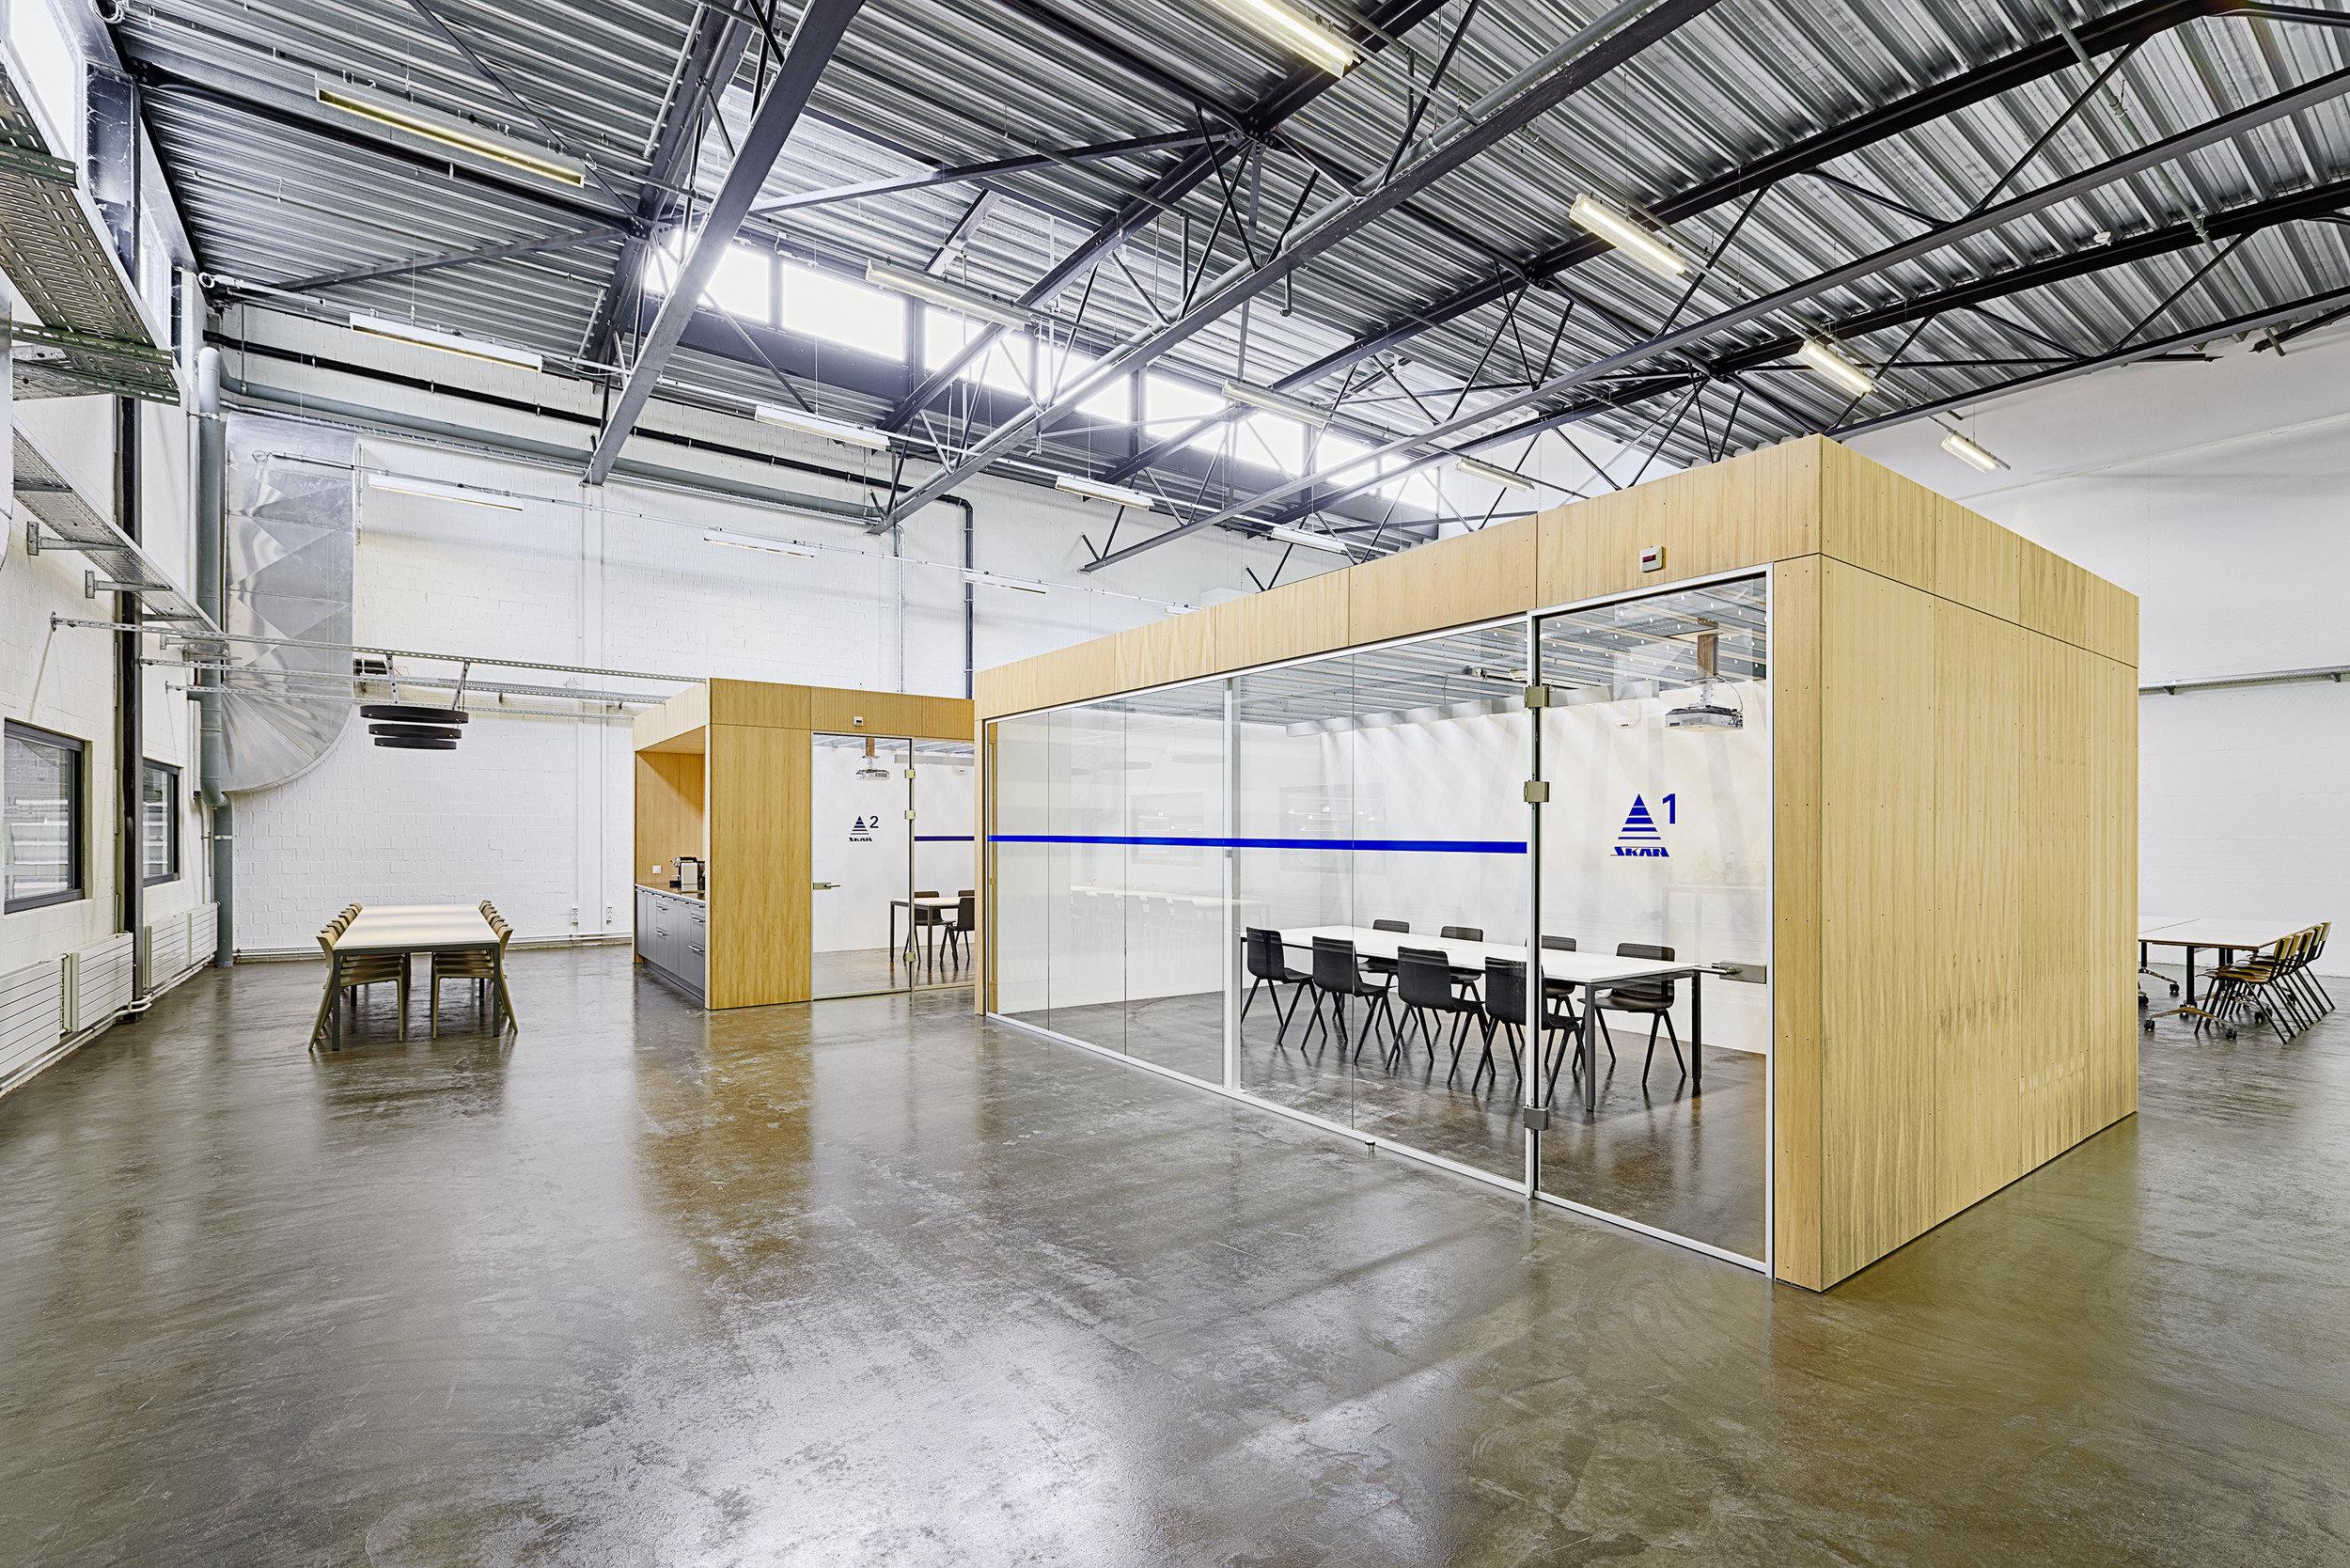 2 Indoor-Räume in Halle mit raumhohen Fensterelementen + Holzdach